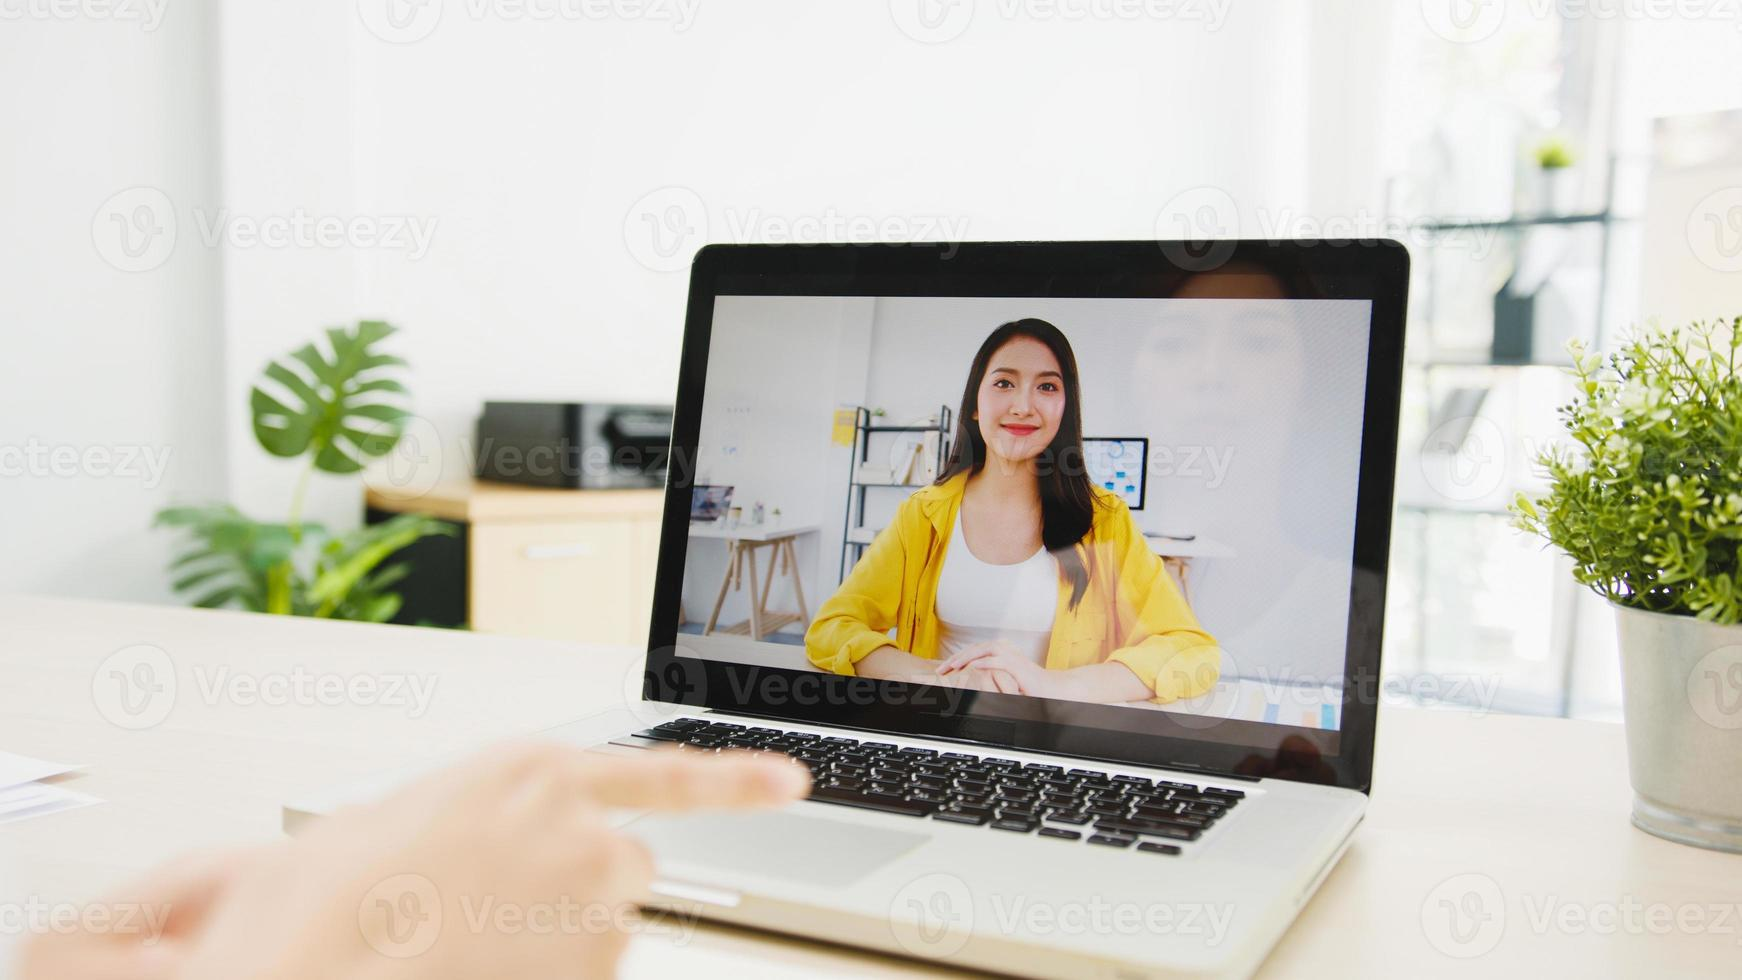 Asia empresaria usando una computadora portátil hable con sus colegas sobre el plan en una reunión de videollamada mientras trabaja desde su casa en la sala de estar. autoaislamiento, distanciamiento social, cuarentena para la prevención del coronavirus. foto